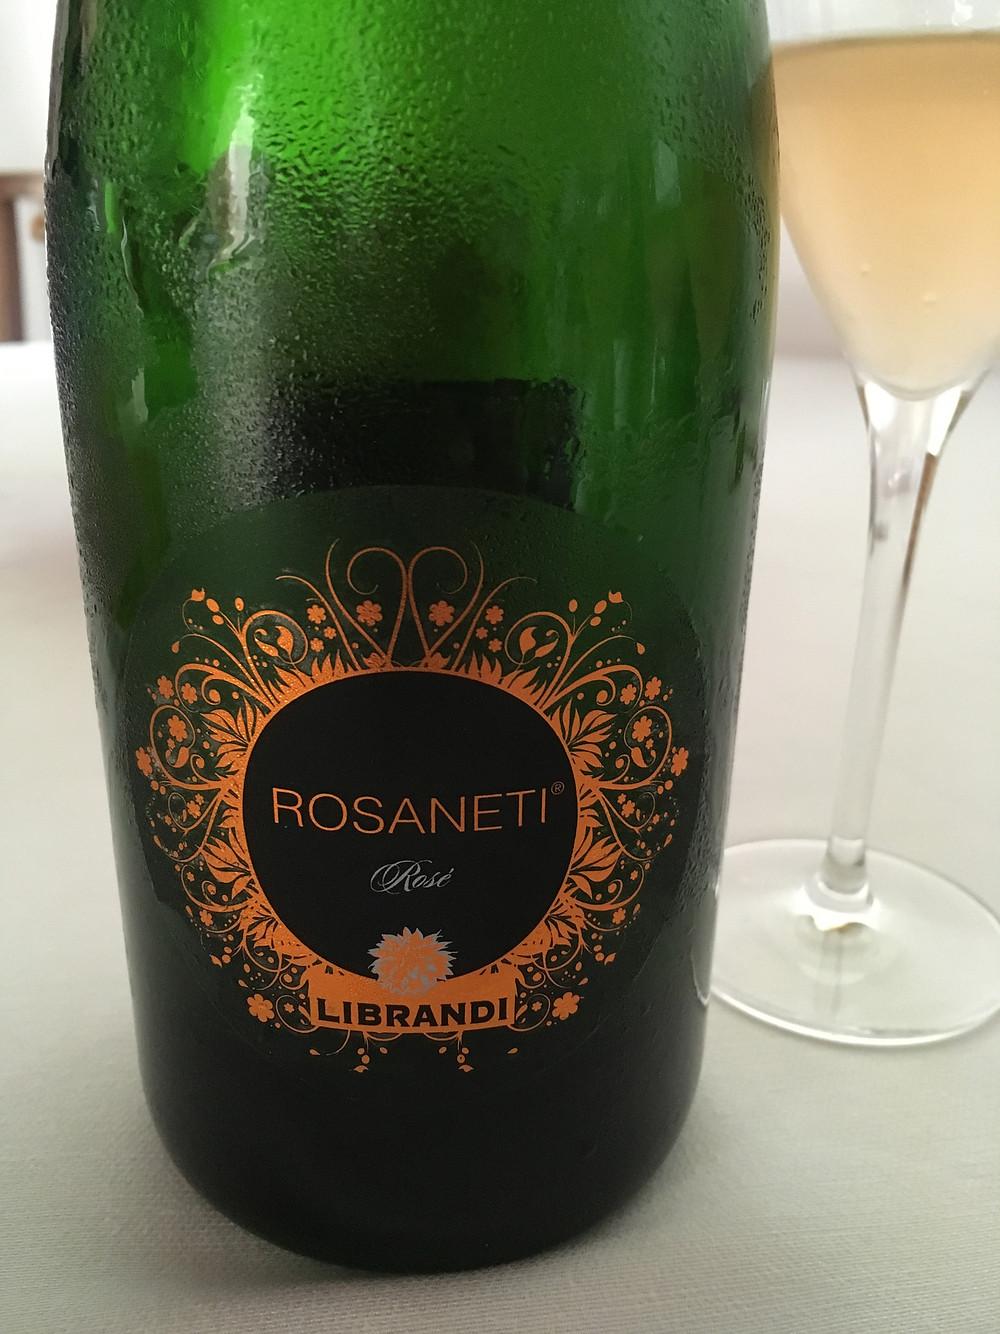 リブランディ社がリリースする、ガリオッポ100%のロゼ・スパークリングワイン